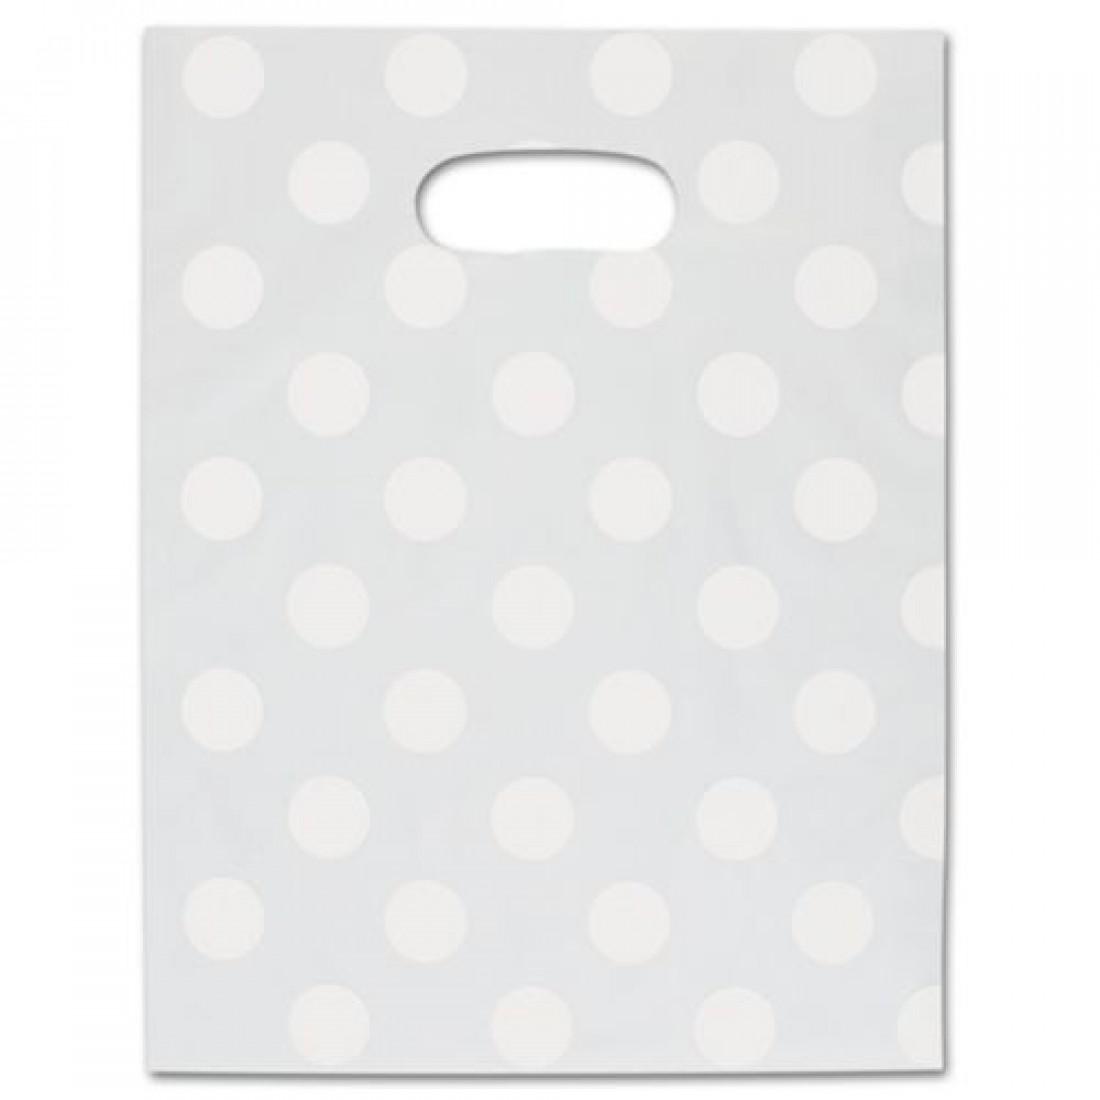 Wht Dot Frstd Merch Bag 9x12